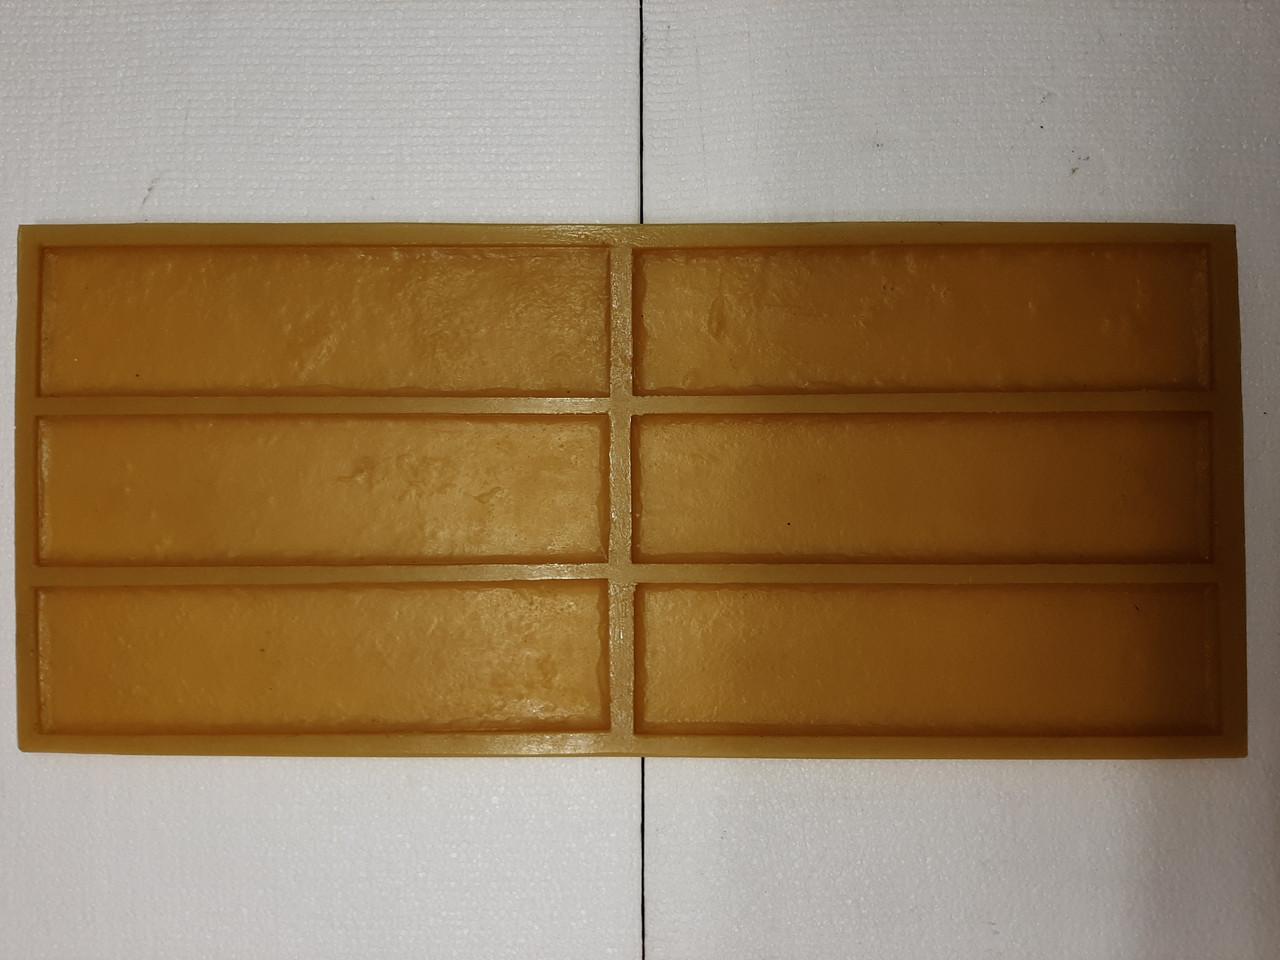 Полиуретановые силиконовые формы для плитки под кирпич Варшава лофт